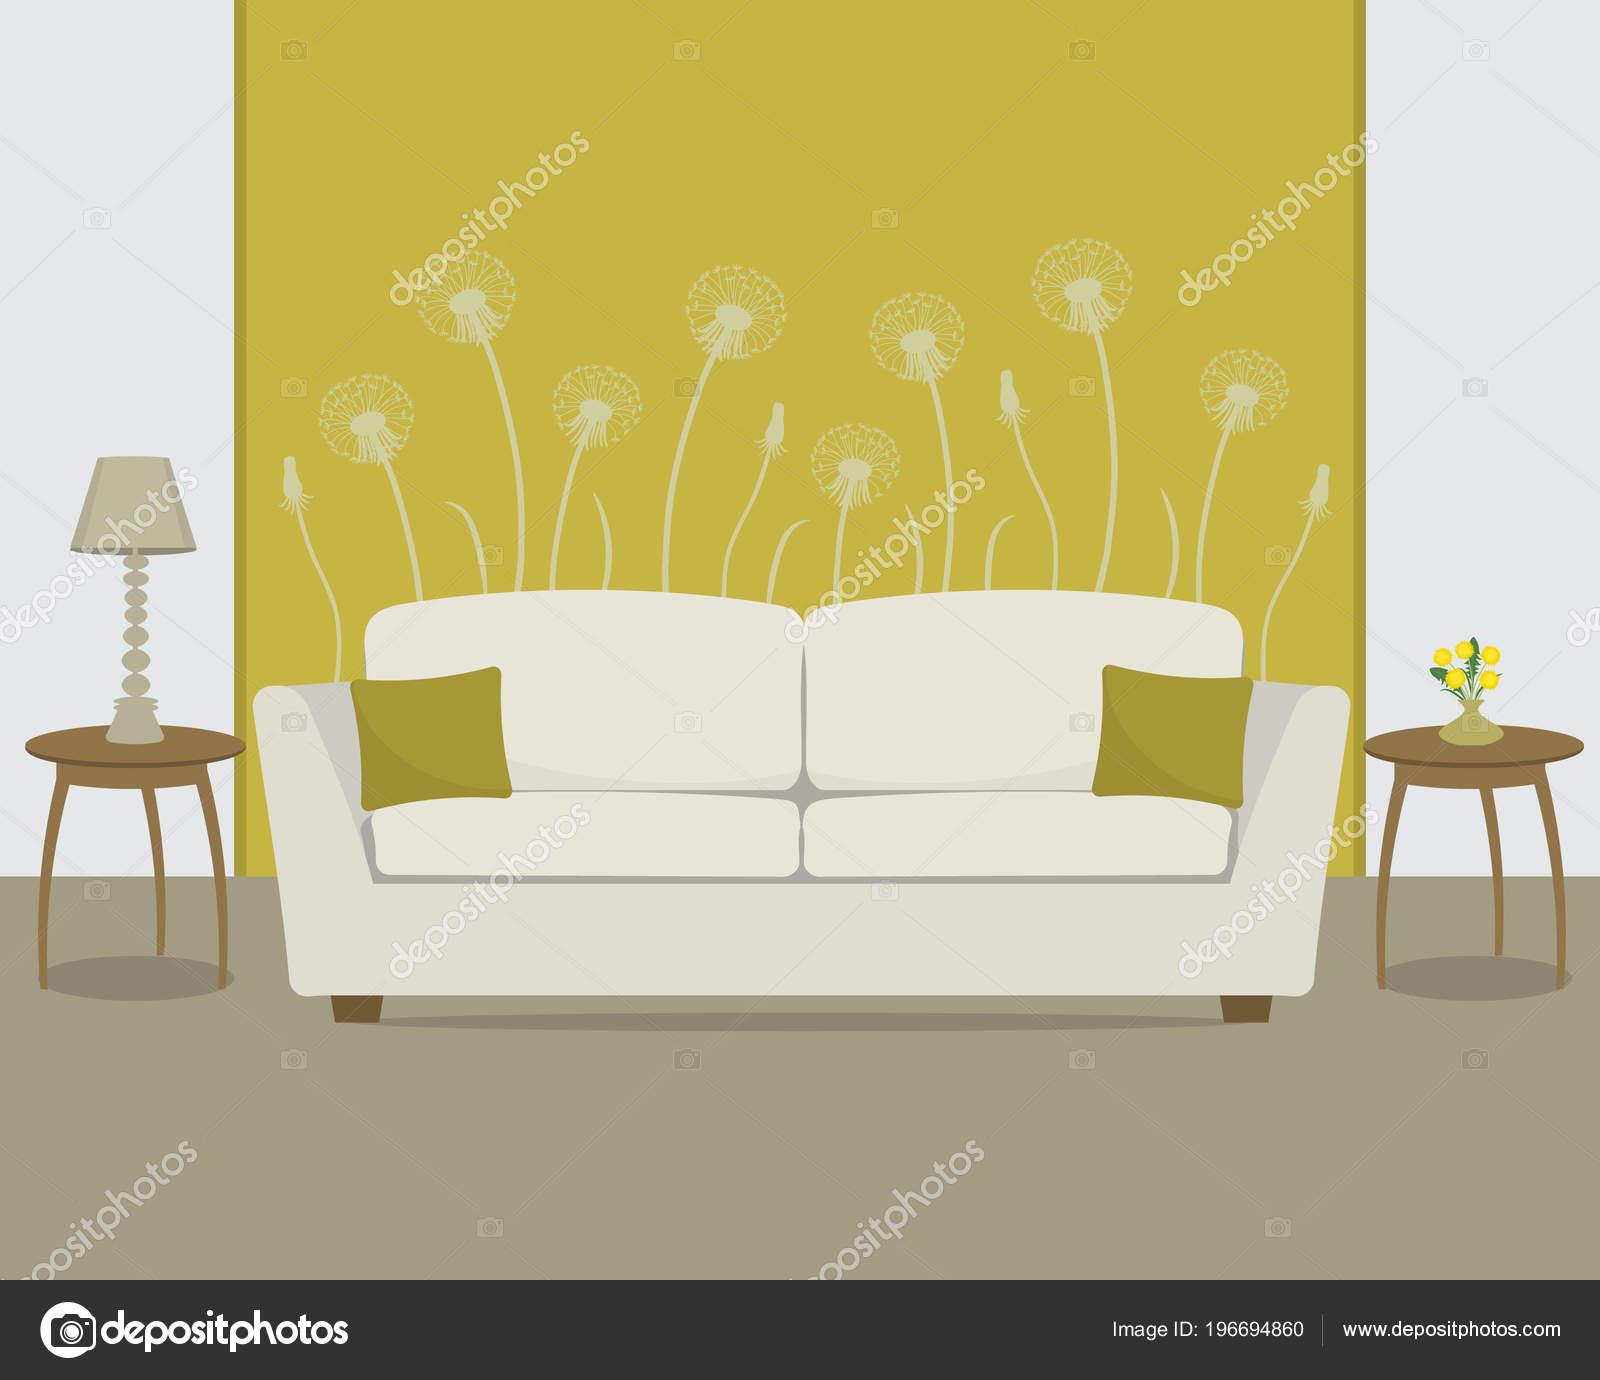 Wohnzimmer In Eine Gelbe Farbe. Im Hintergrund Der Tapete Mit Einem  Löwenzahn Gibt Es Ein Weißes Sofa. Es Gibt Auch Eine Vase Mit Einem Bouquet  Von Frischen ...